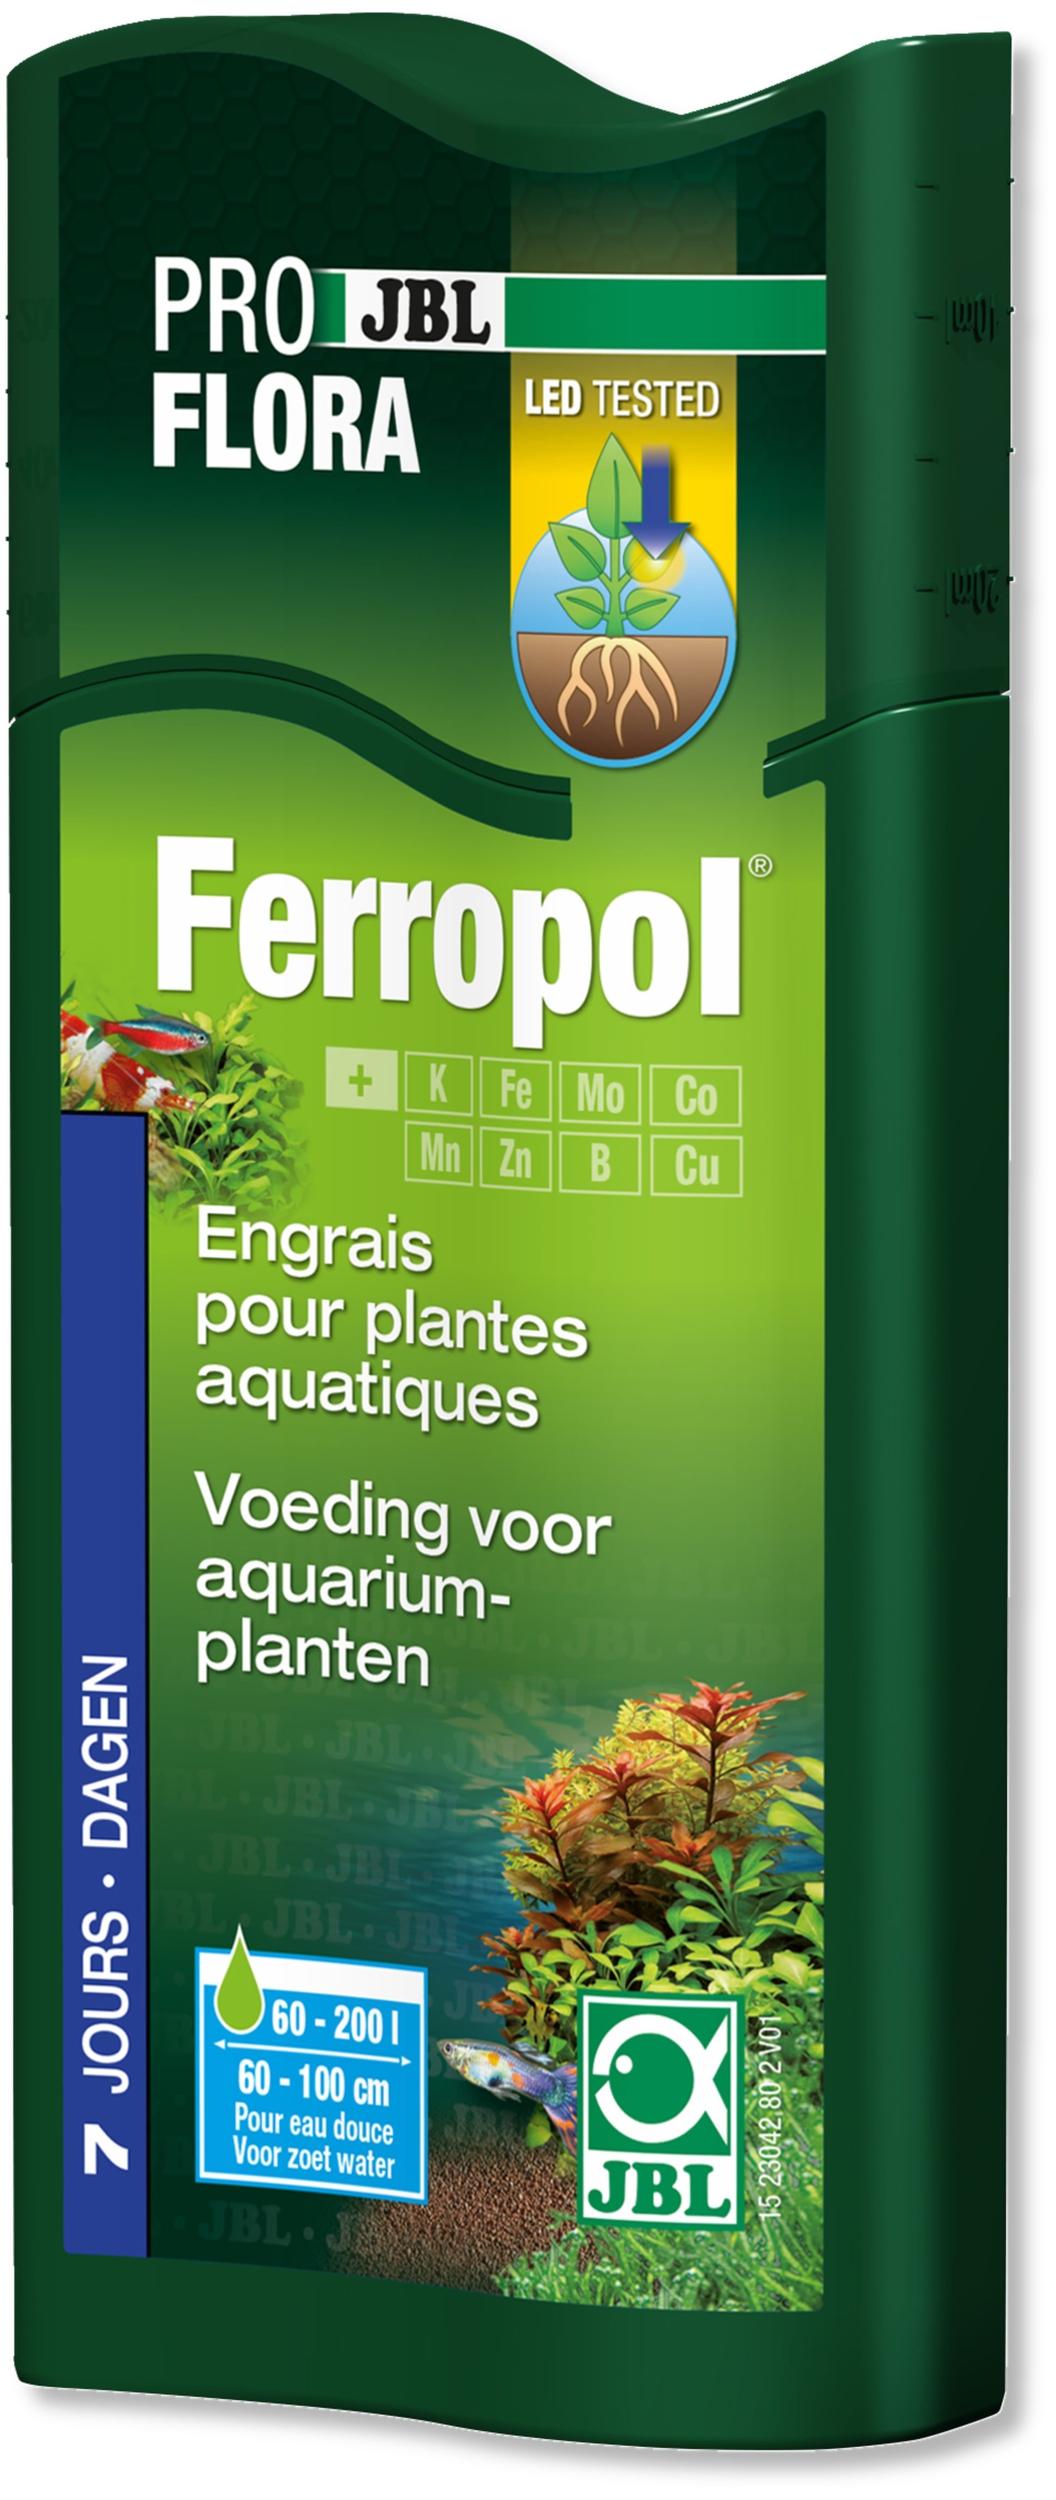 JBL Ferropol 250 ml engrais liquide complet contenant des oligo-éléments